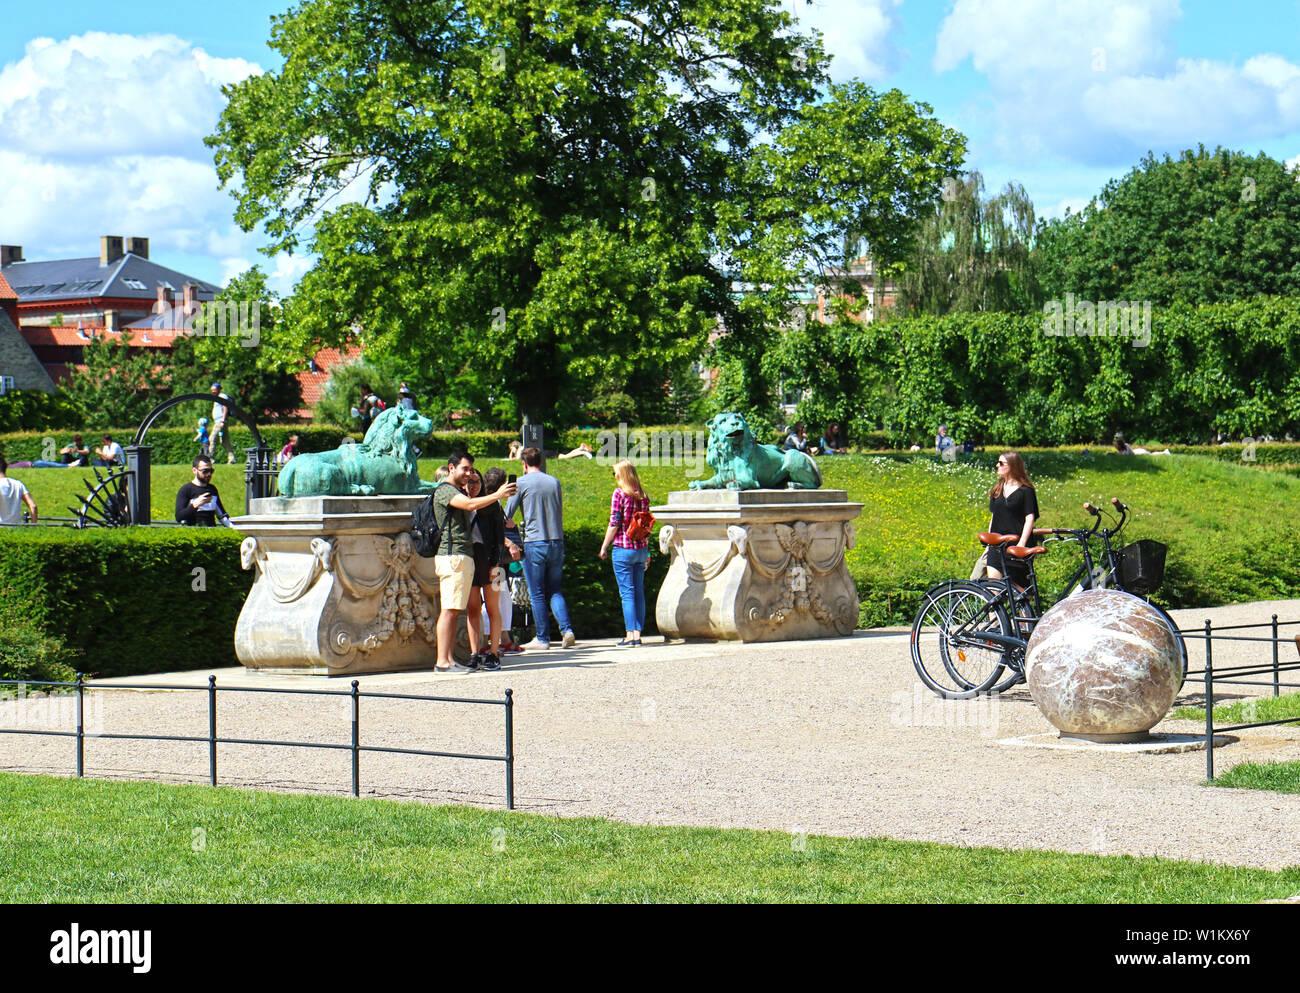 Copenhague, Danemark - 16 juin, 2019 Très belle vue sur le jardin du roi à l'entrée du château de Rosenborg dans le centre de Copenhague mis s Banque D'Images